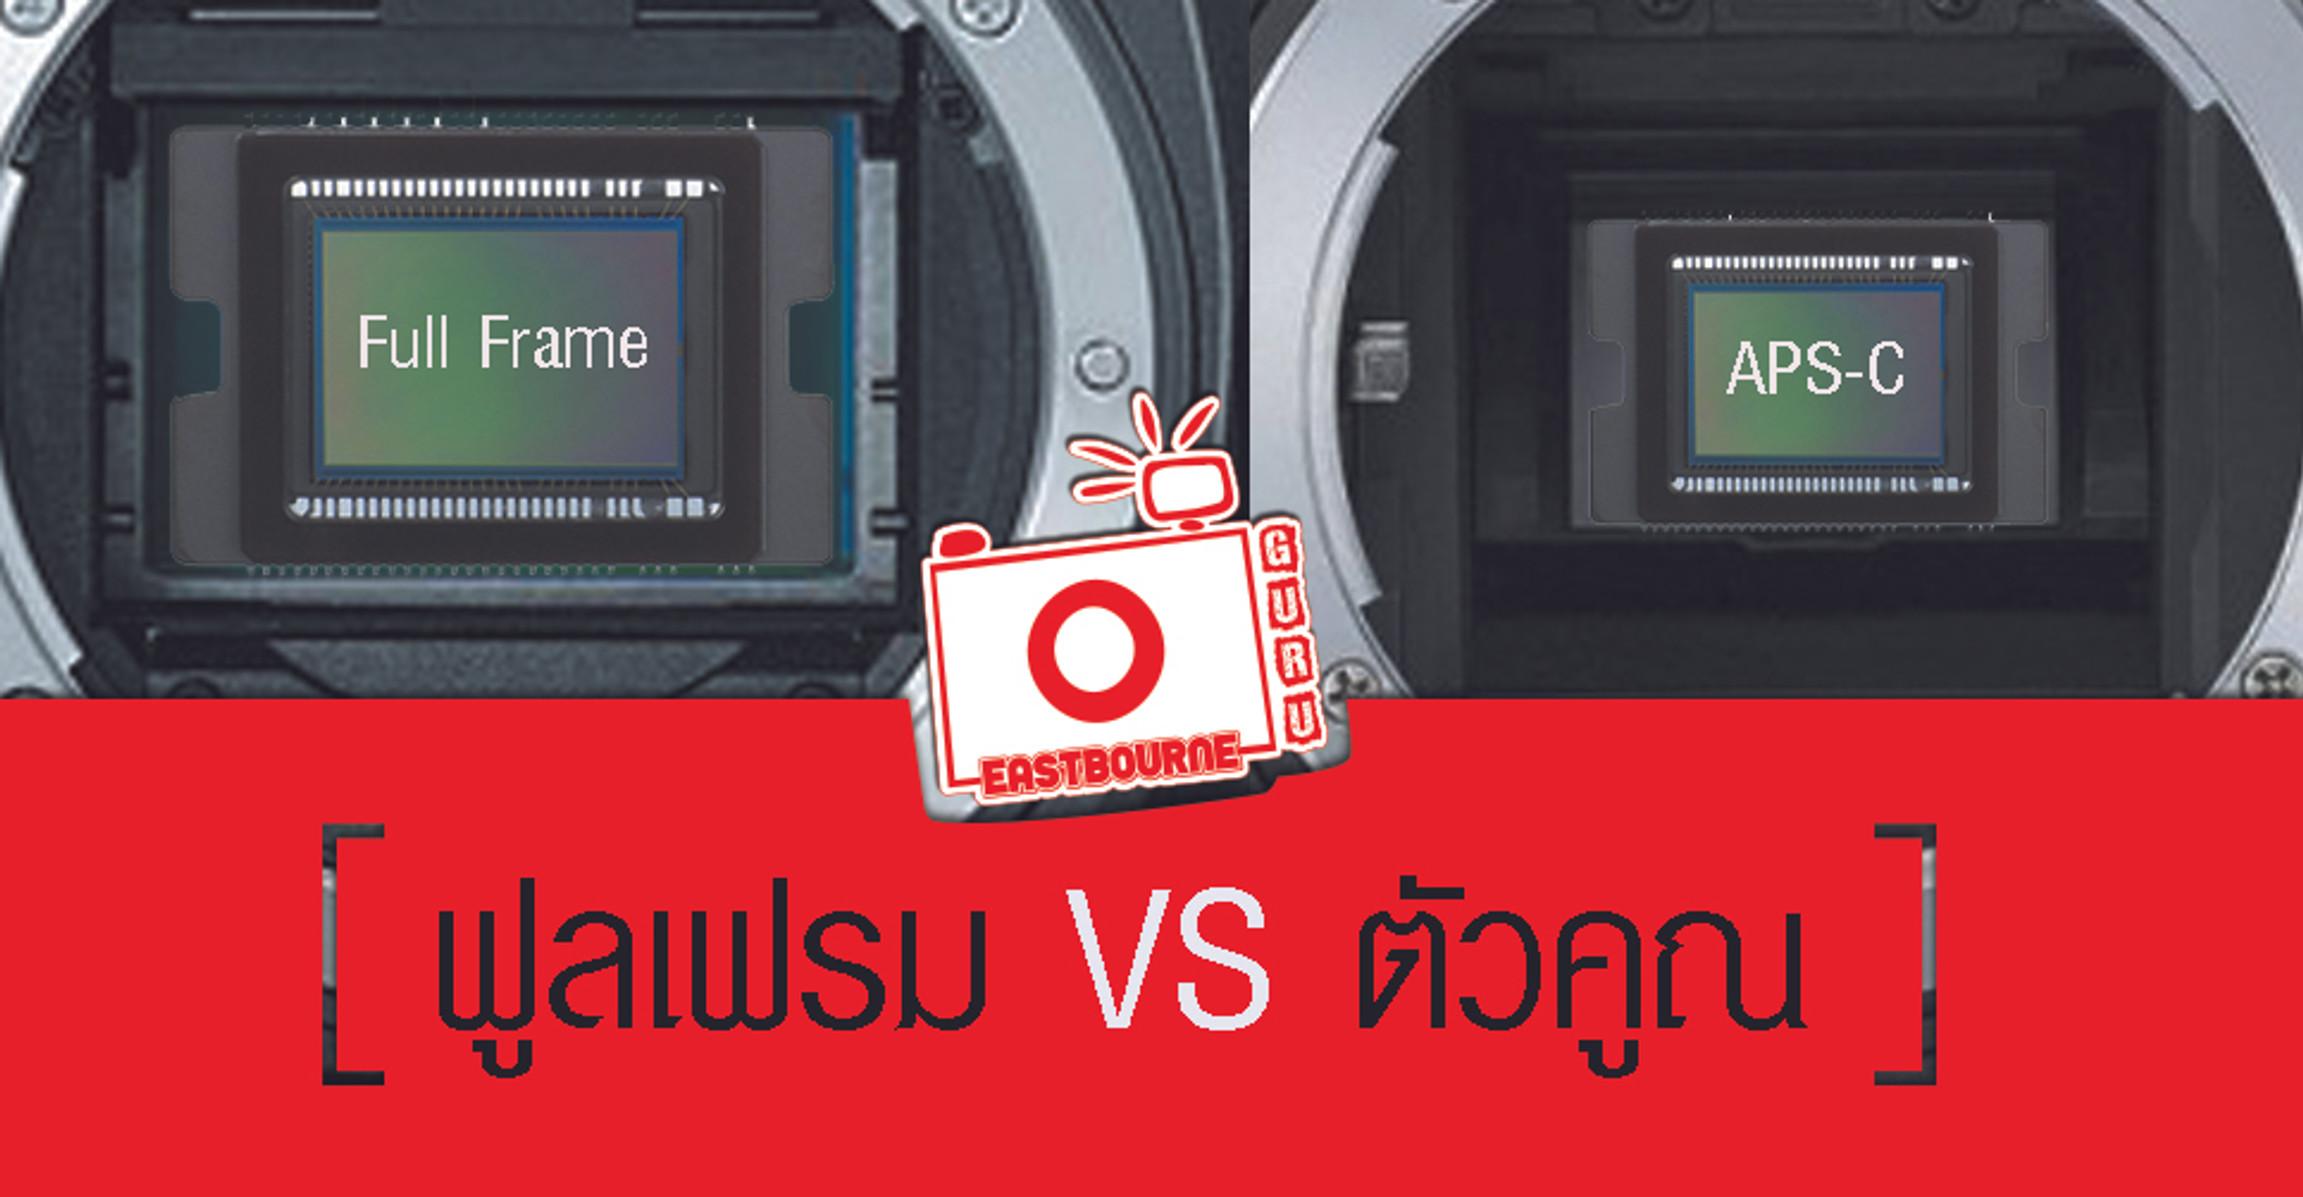 กล้องฟลูเฟรม กับ ตัวคูณต่างกันอย่างไร